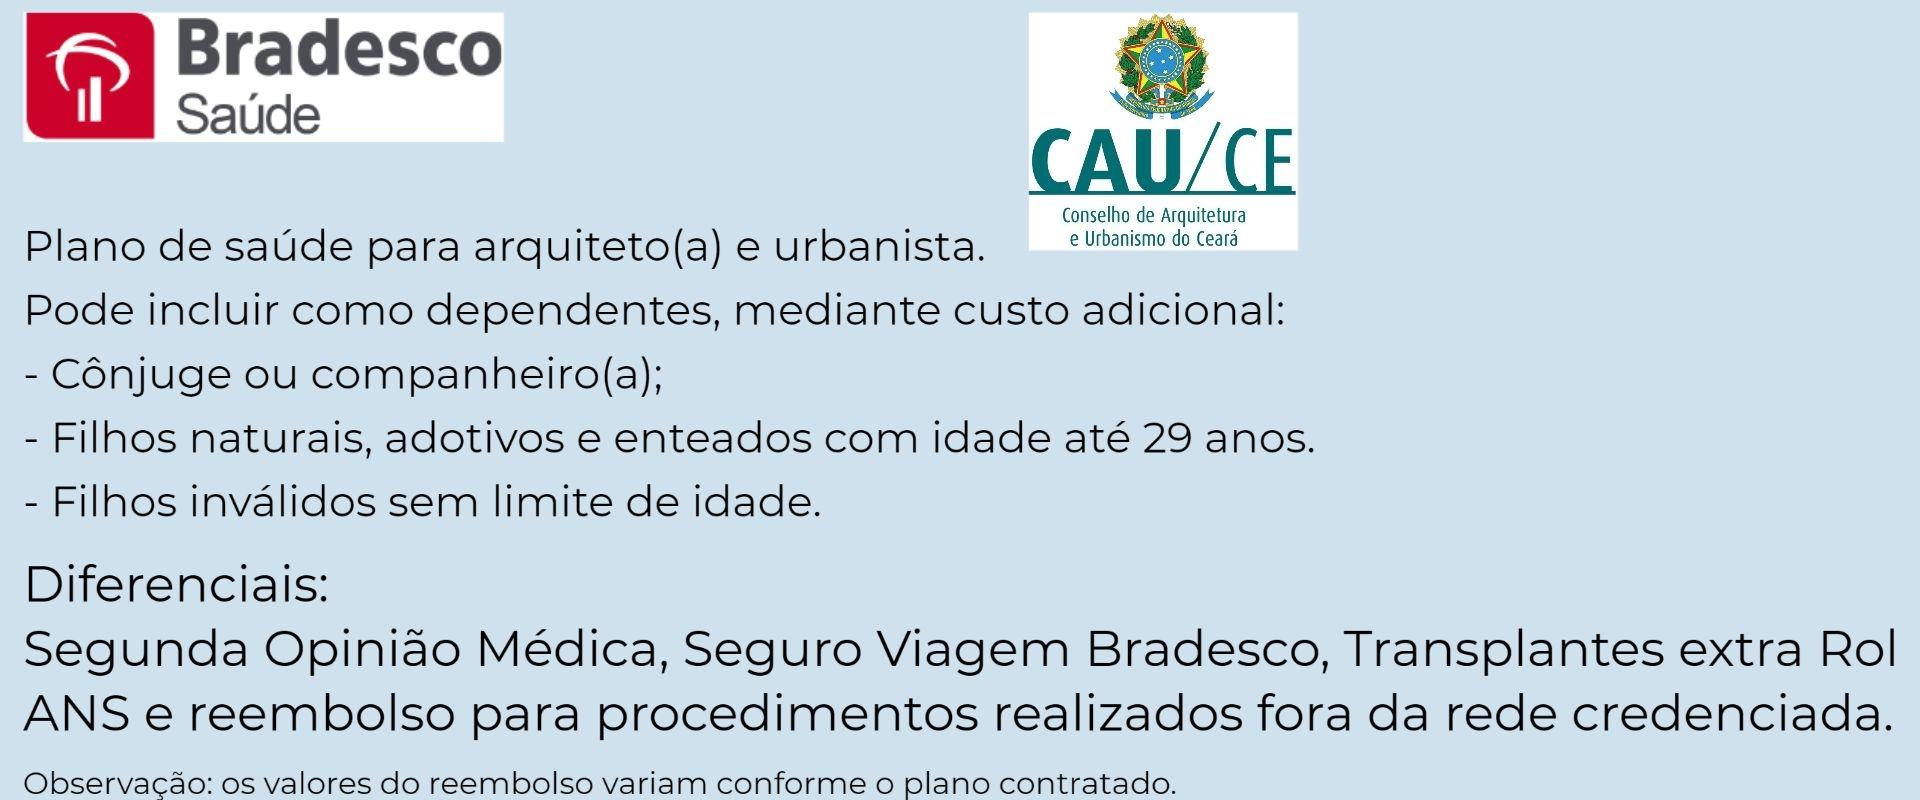 Bradesco Saúde CAU-CE